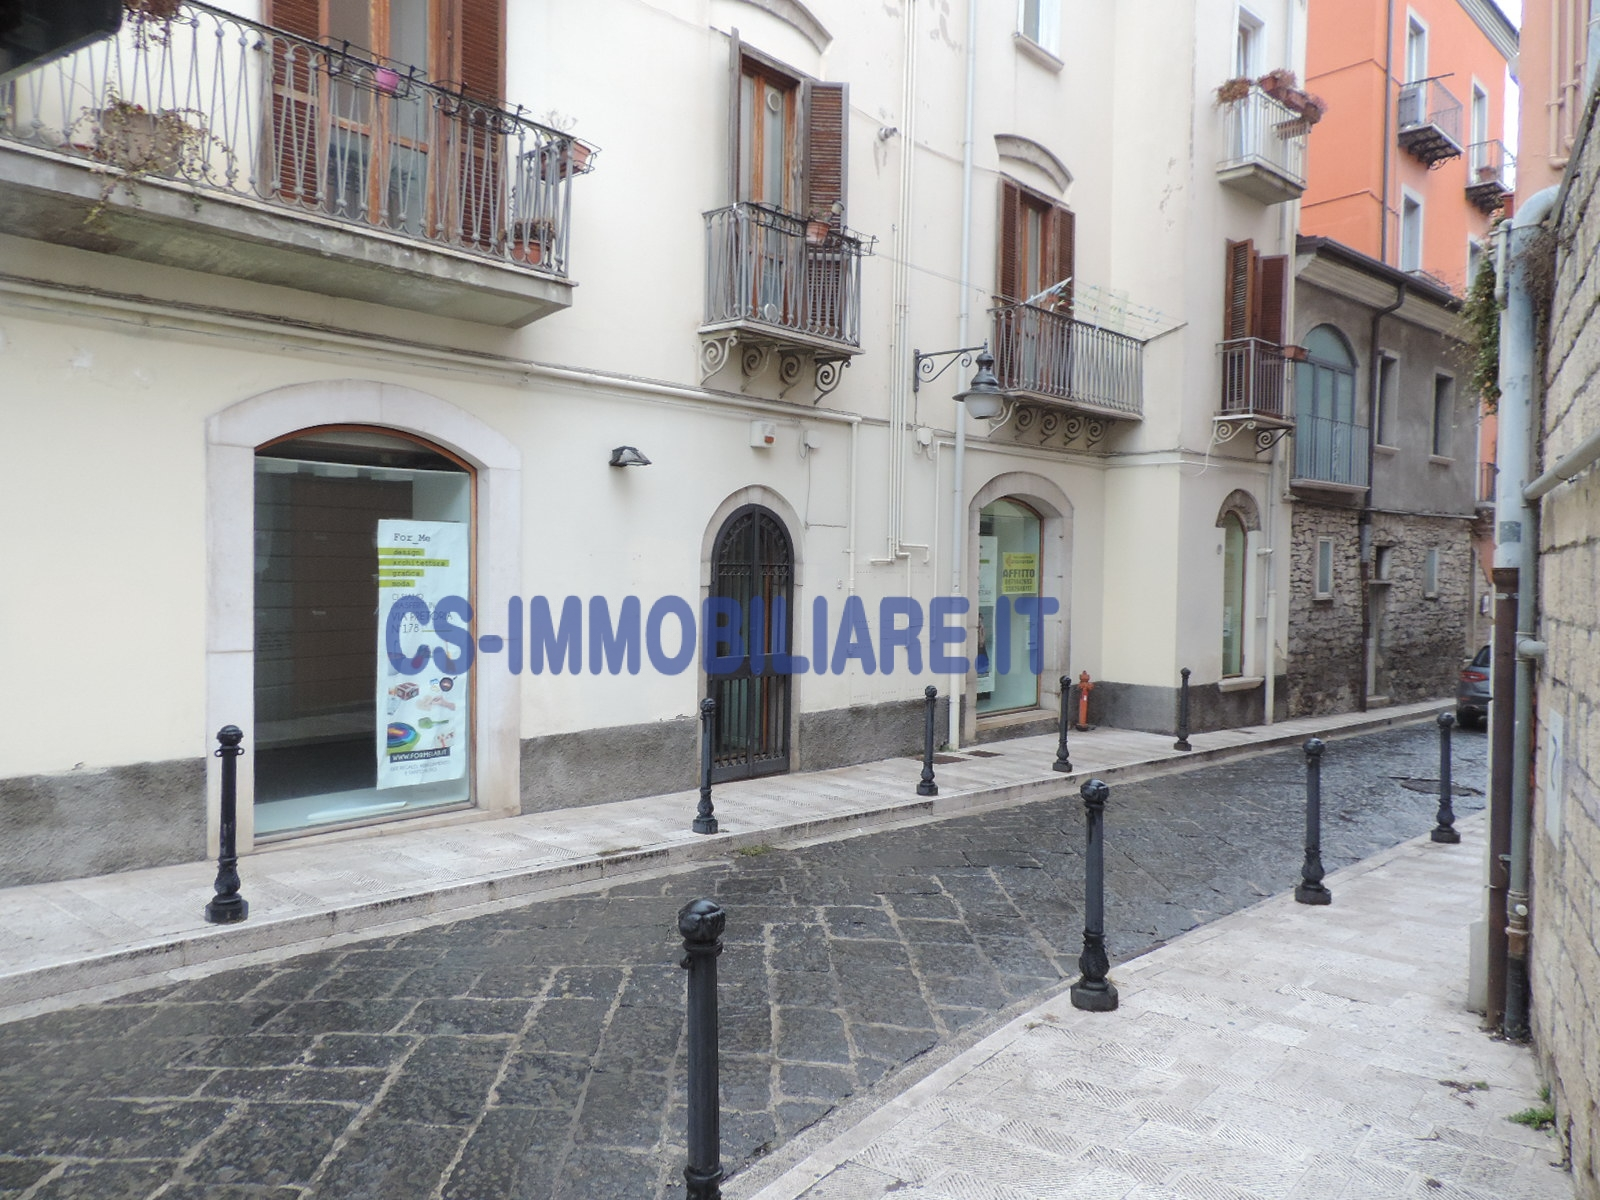 Negozio / Locale in affitto a Potenza, 9999 locali, zona Località: Centro, prezzo € 600 | CambioCasa.it